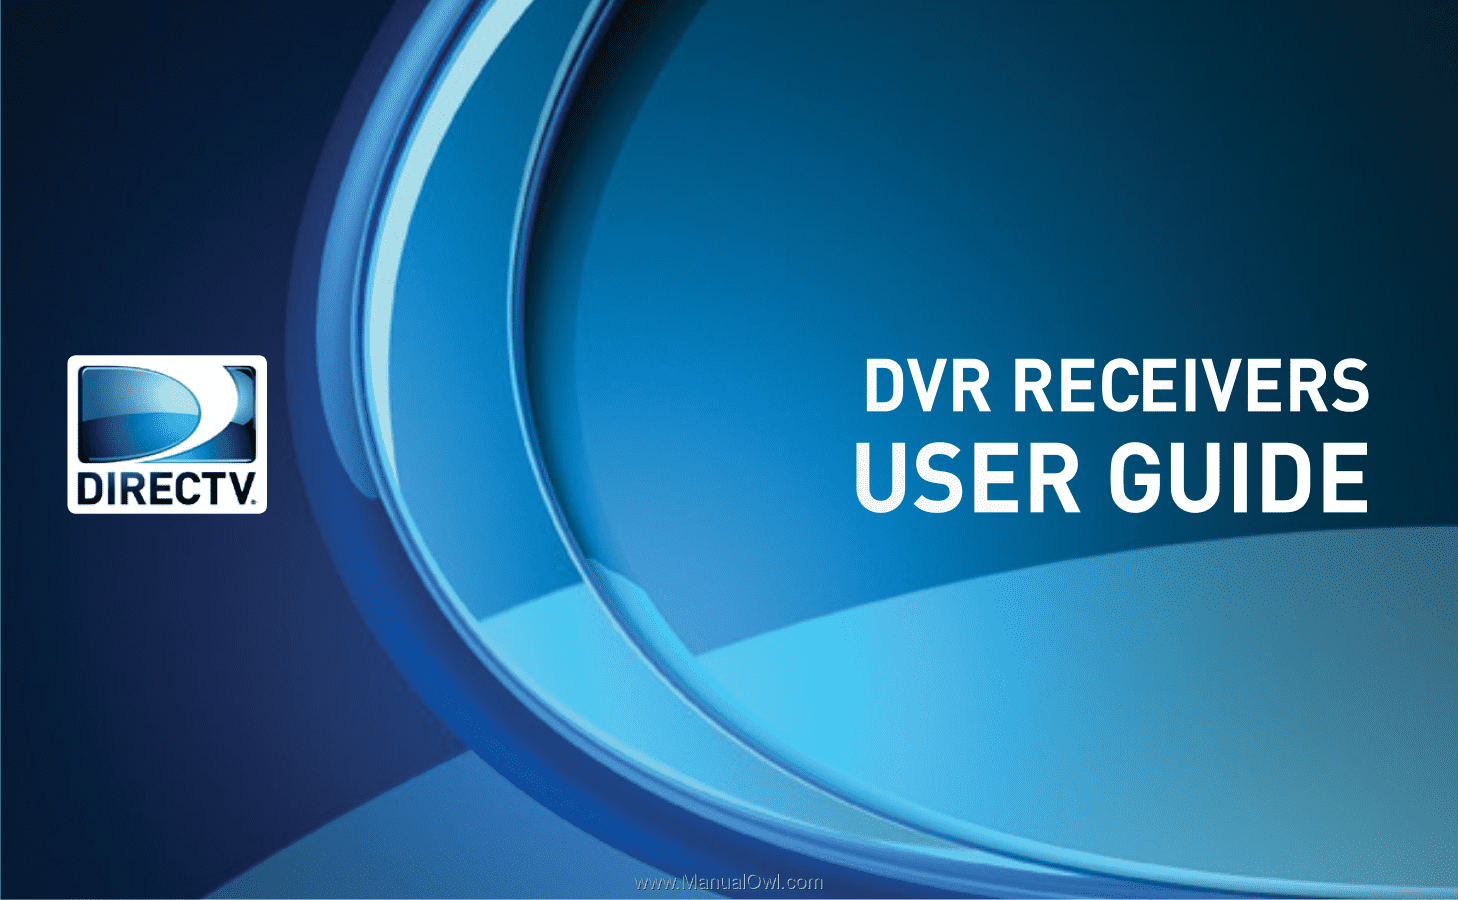 DVR RECEIVERS